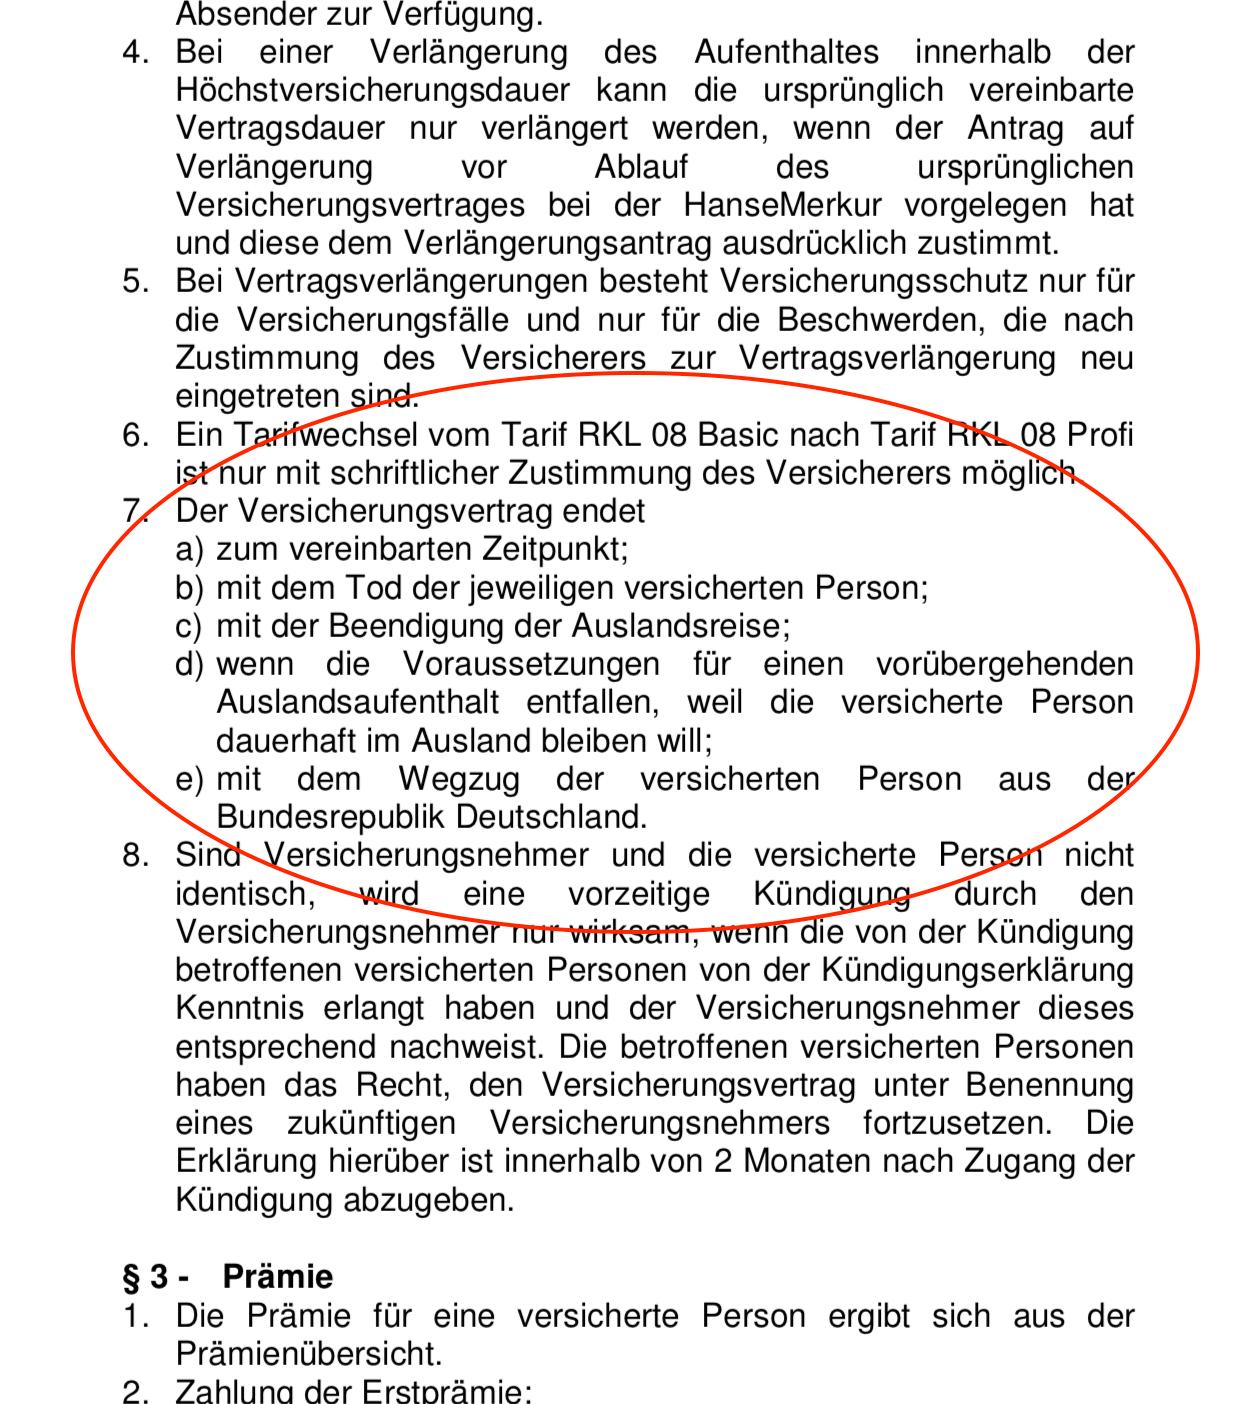 Hanse Merkur Langzeit Auslandskrankenversicherung - Klausel